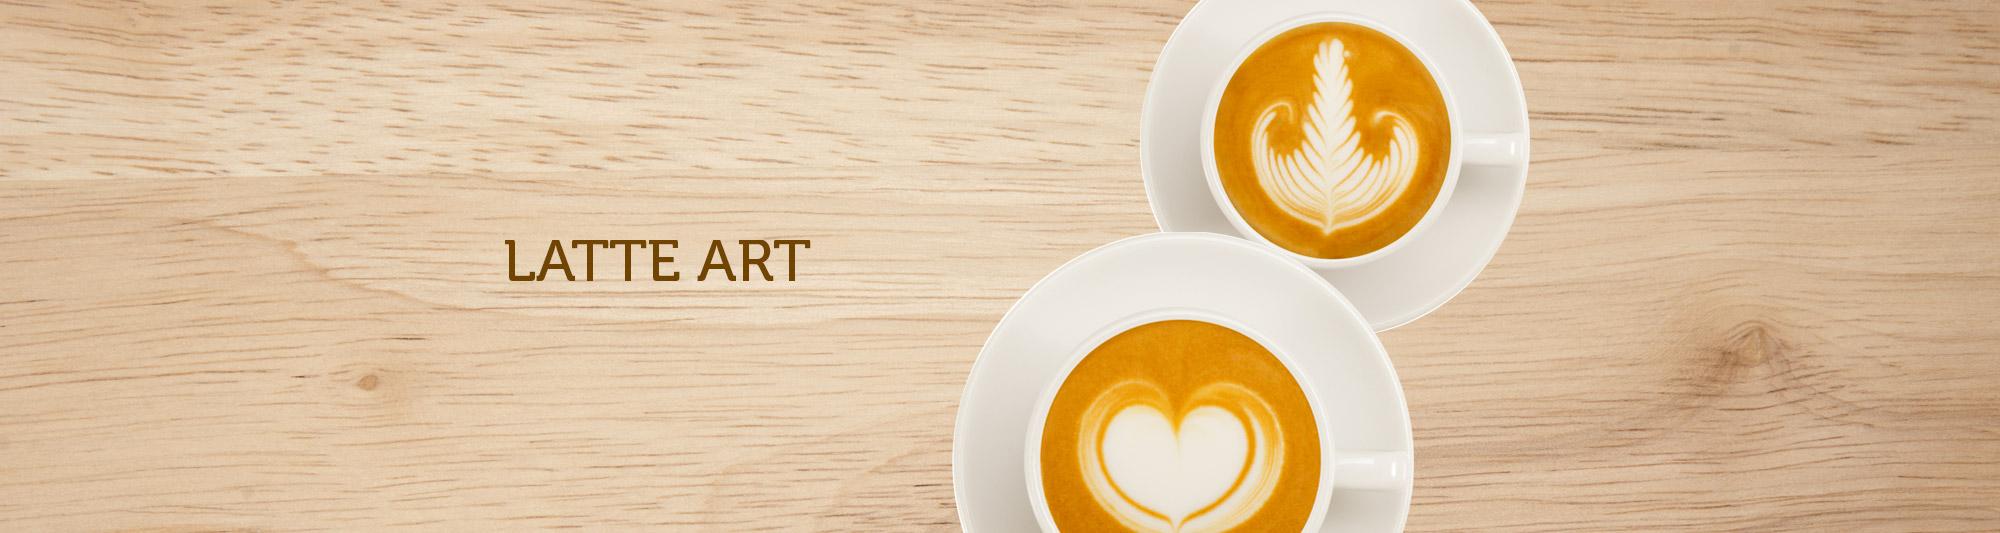 Corso Latte art - cuore e foglia